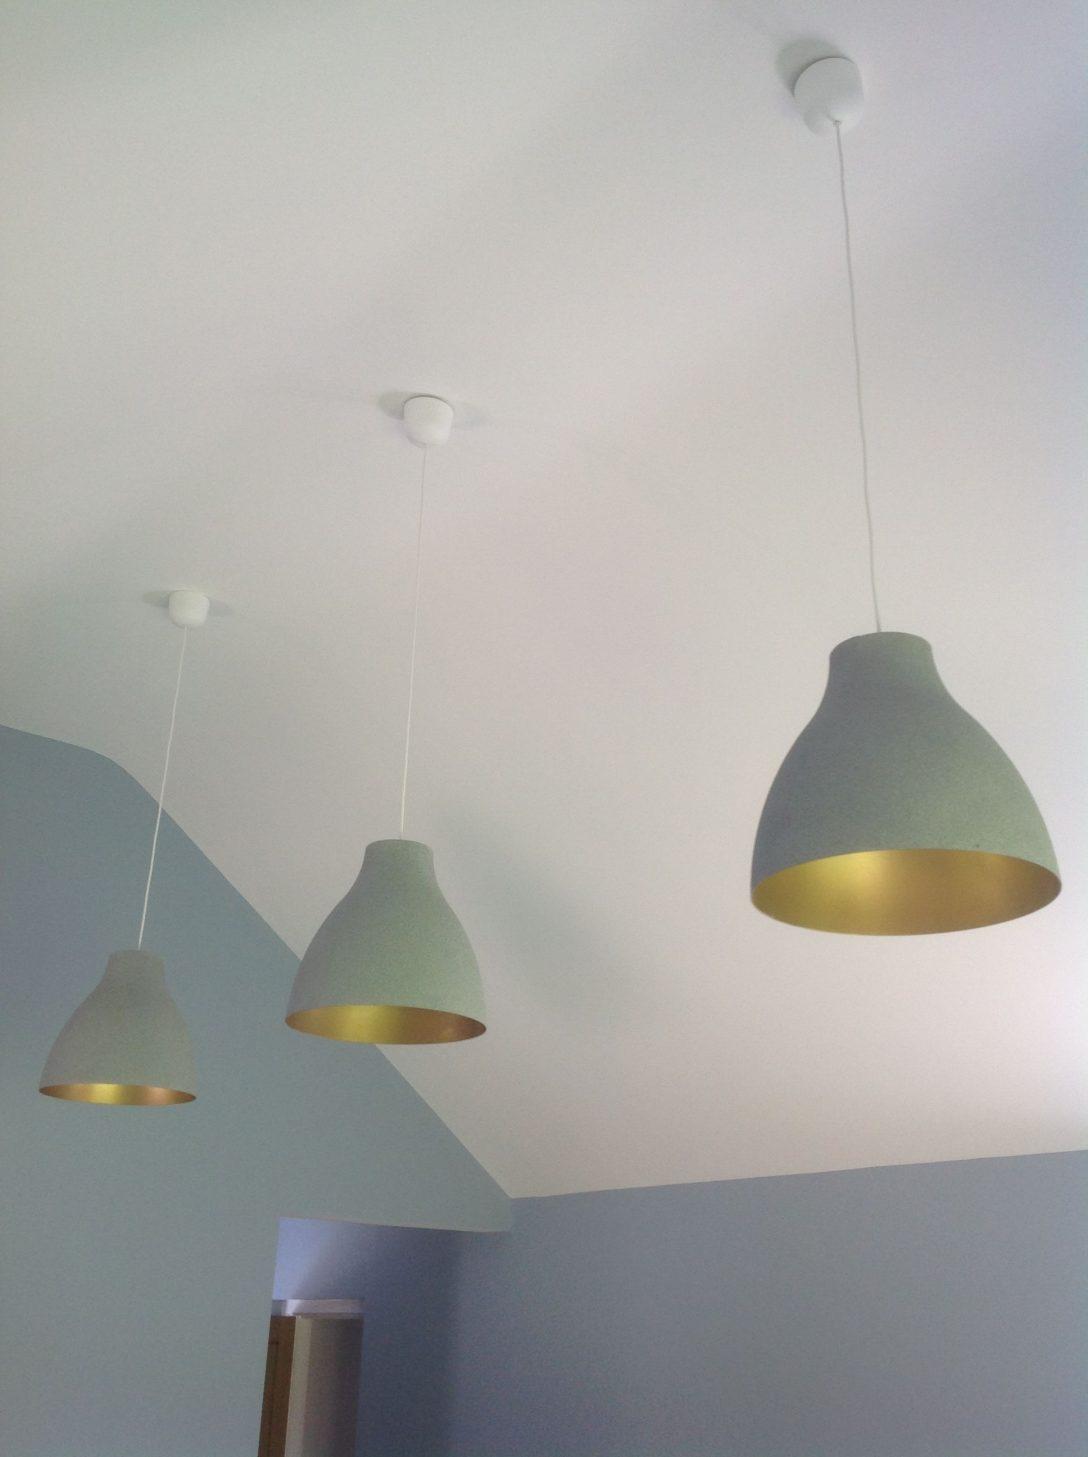 Large Size of Ikea Lampen Betten 160x200 Miniküche Bei Küche Led Wohnzimmer Bad Esstisch Deckenlampen Designer Badezimmer Kosten Schlafzimmer Modulküche Kaufen Stehlampen Wohnzimmer Ikea Lampen